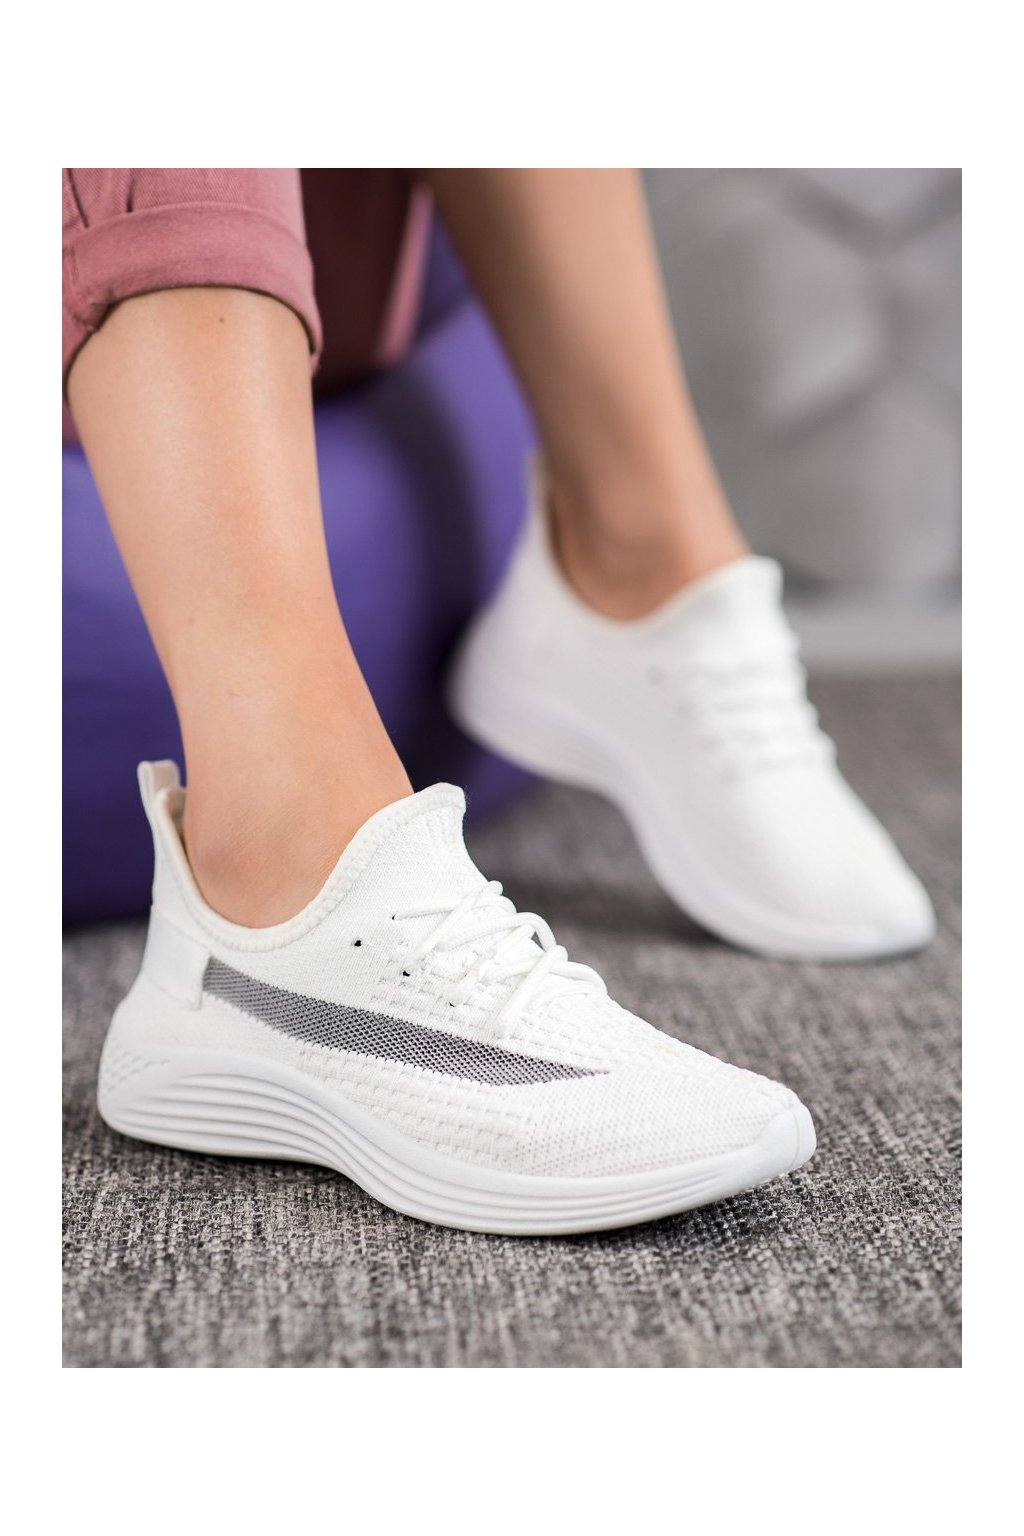 Biele topánky Mckeylor kod ANH20-13530W